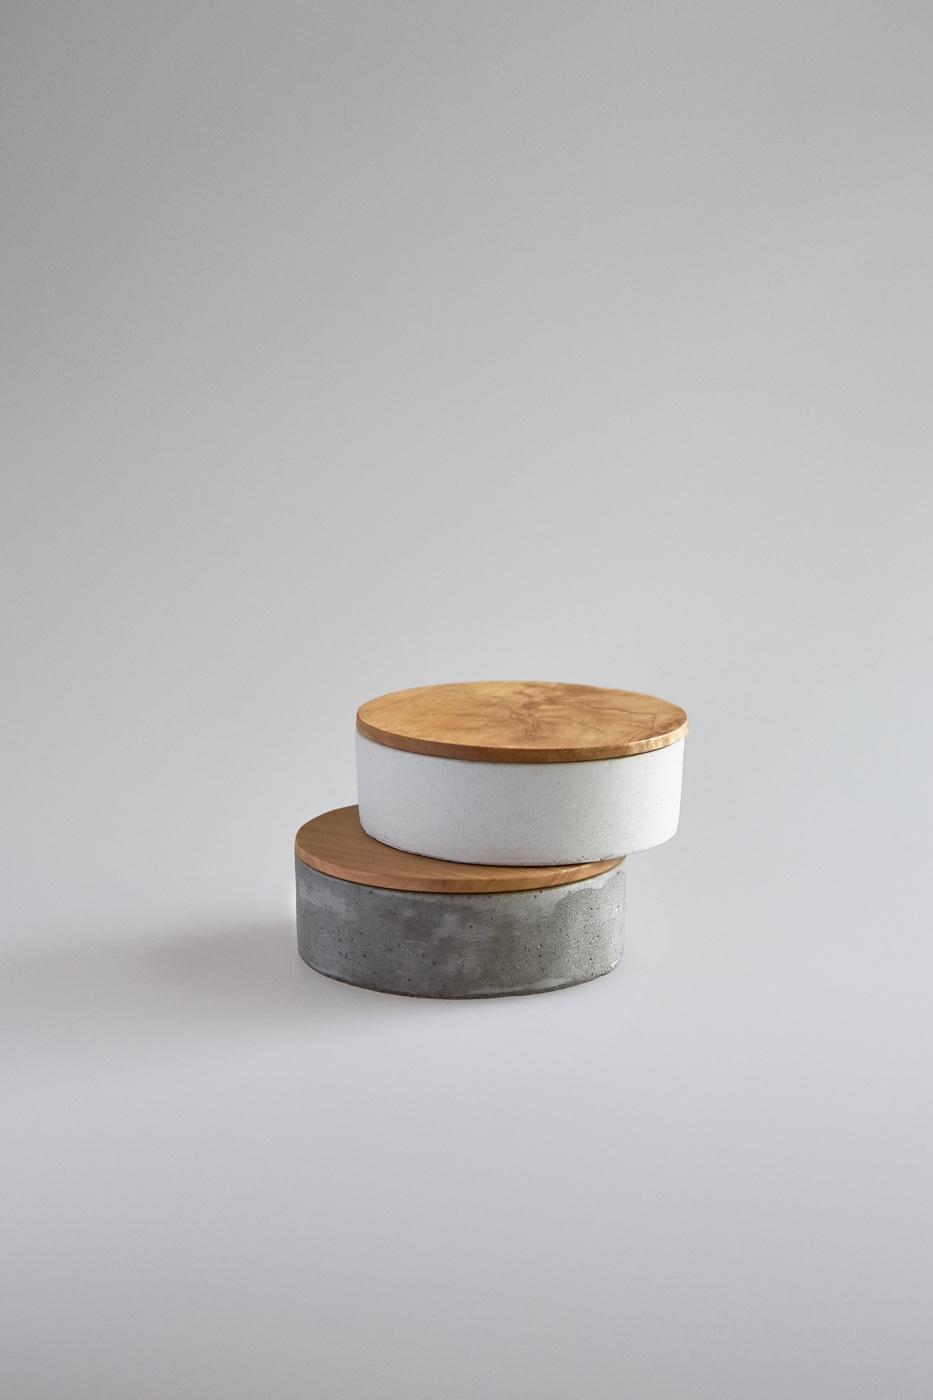 Бетонные шкатулки с деревянными крышками от австралийского дизайнера Kenny Yong-soo Son